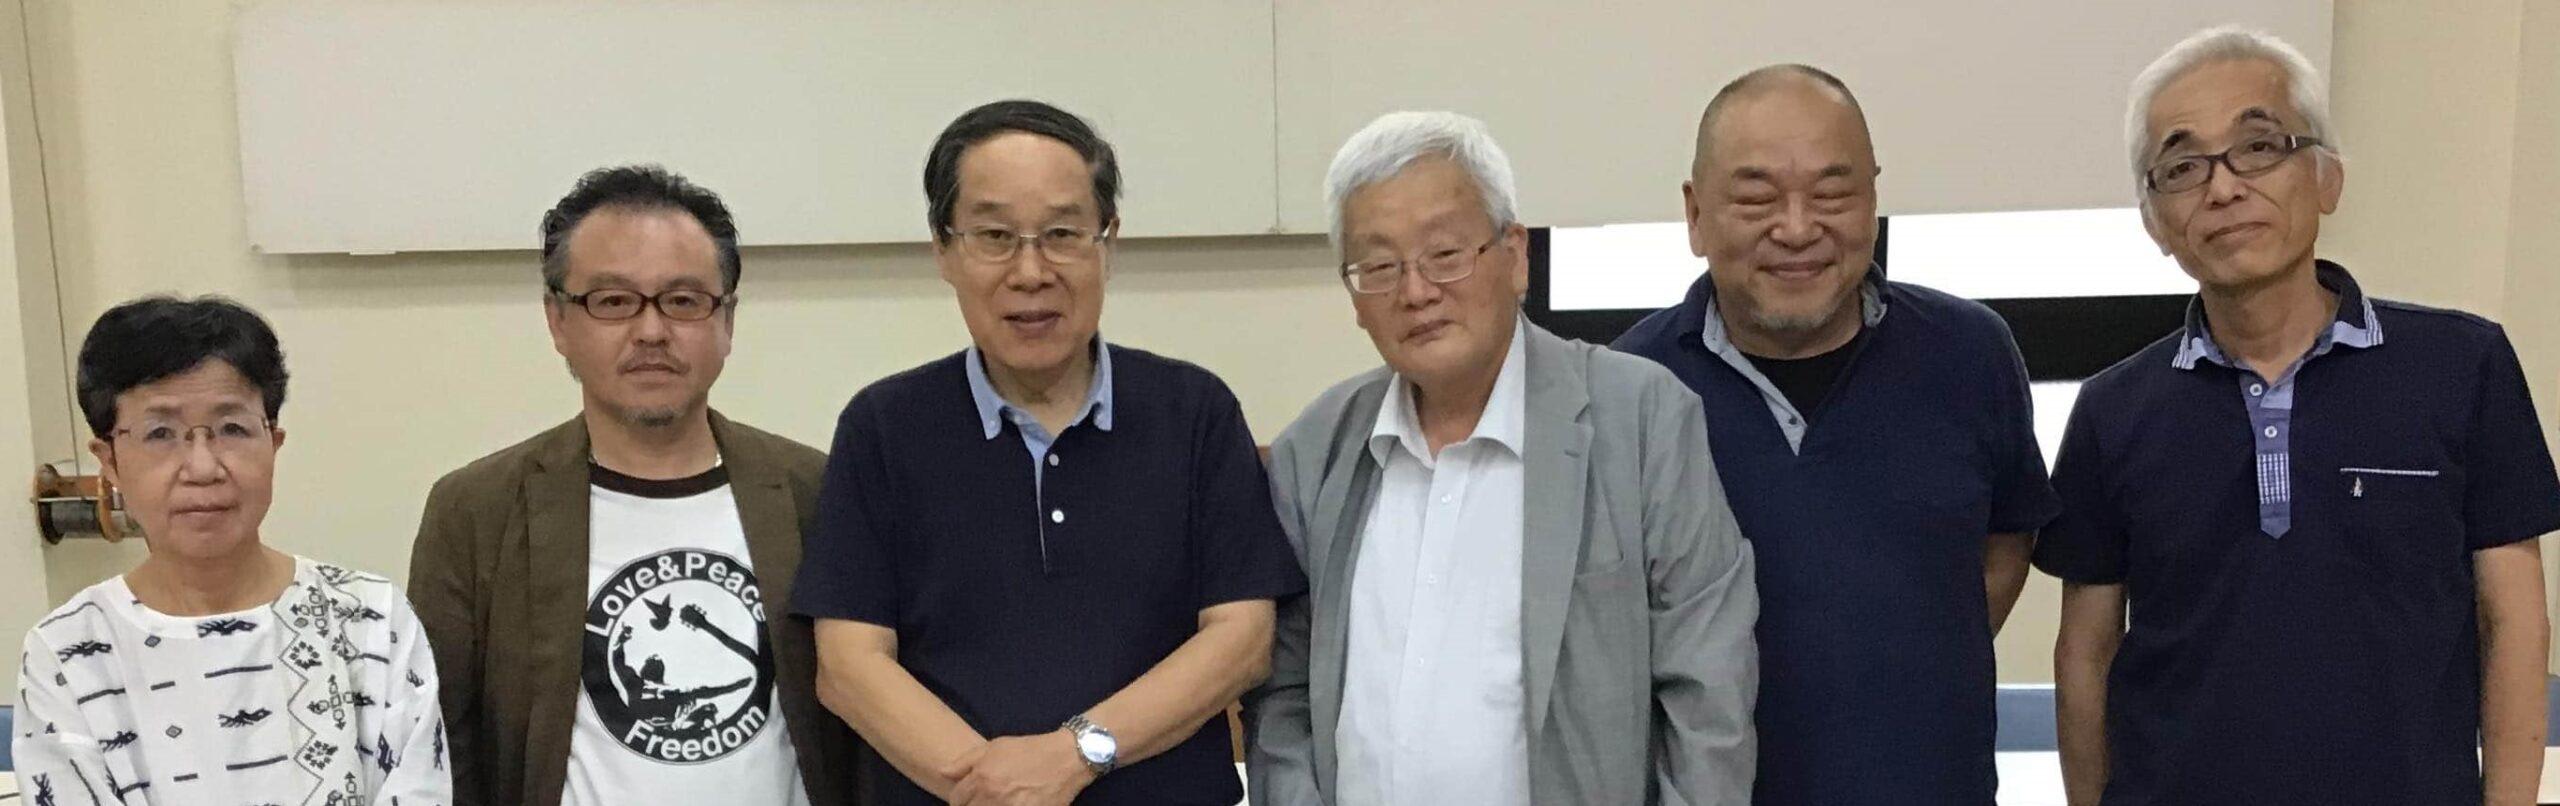 Mw. Emiko Sato, Heer Shigeru Kawakubo, Dr. Masao Tomonaga, Heer Nobuto Hirano, Heer Toshiya Ihara, Heer Shinichiro Hayashida